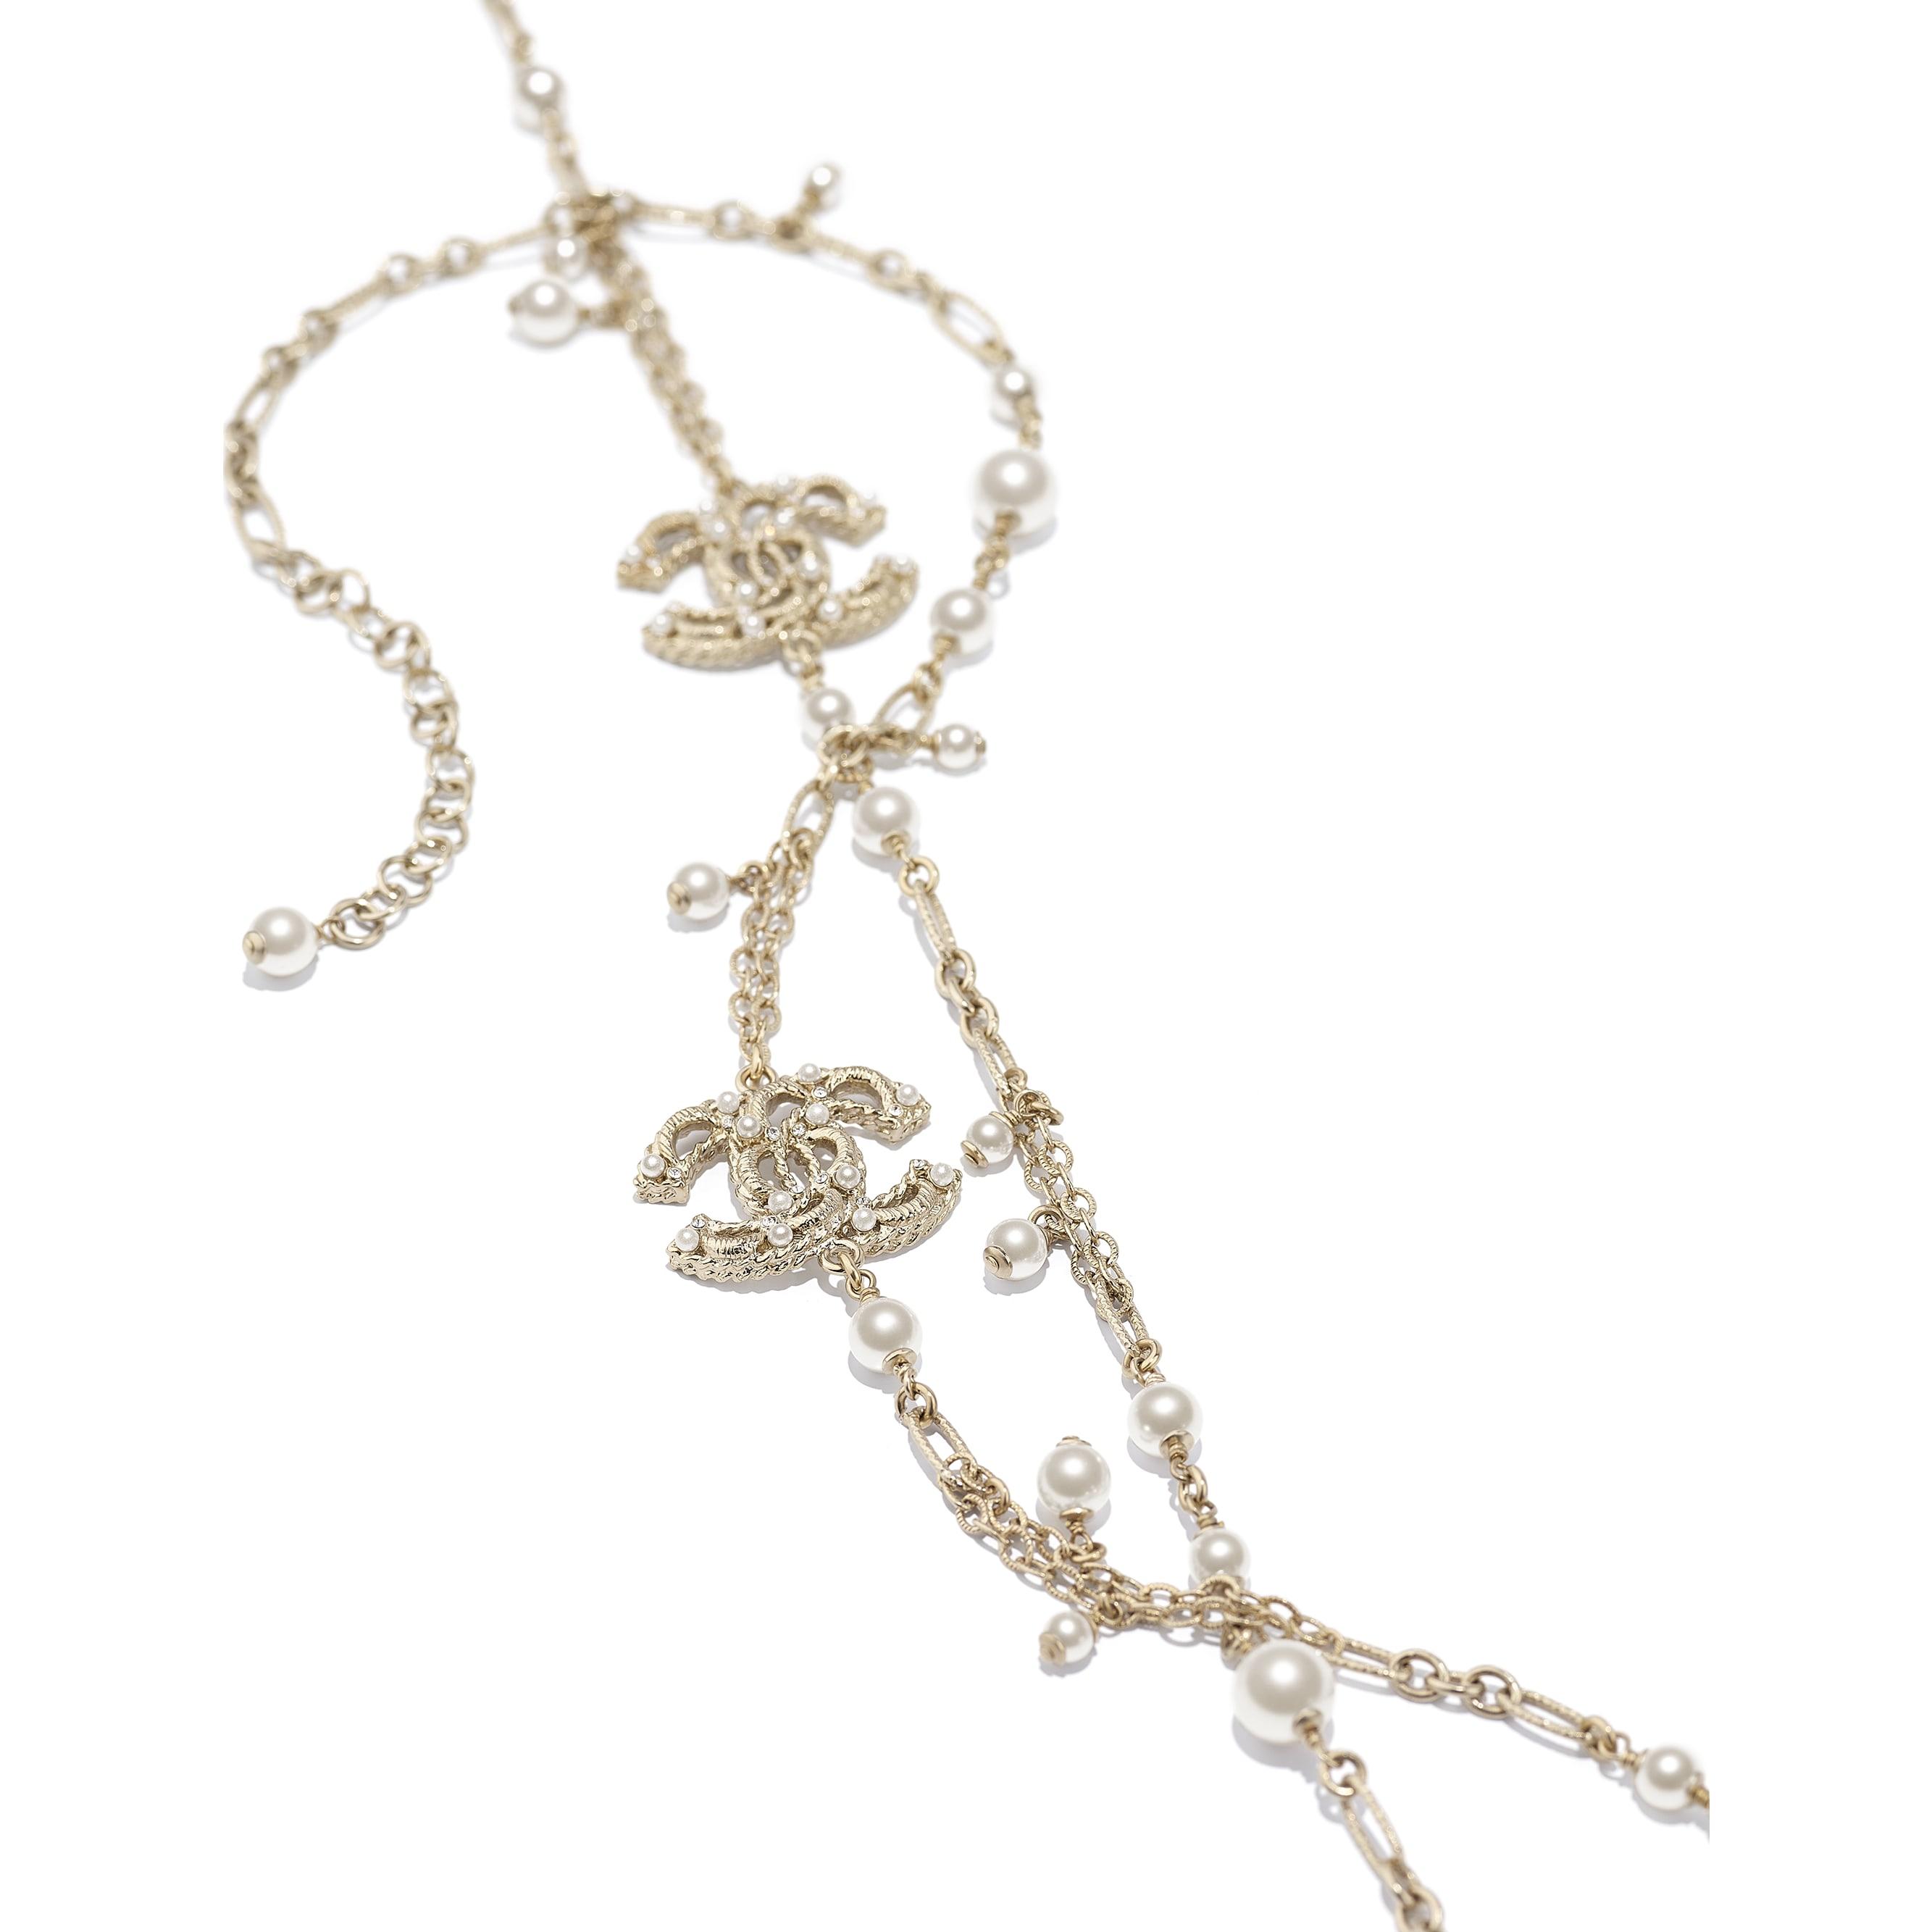 Sautoir - Doré, blanc nacré & cristal - Métal, perles de verre & strass - CHANEL - Vue alternative - voir la version taille standard